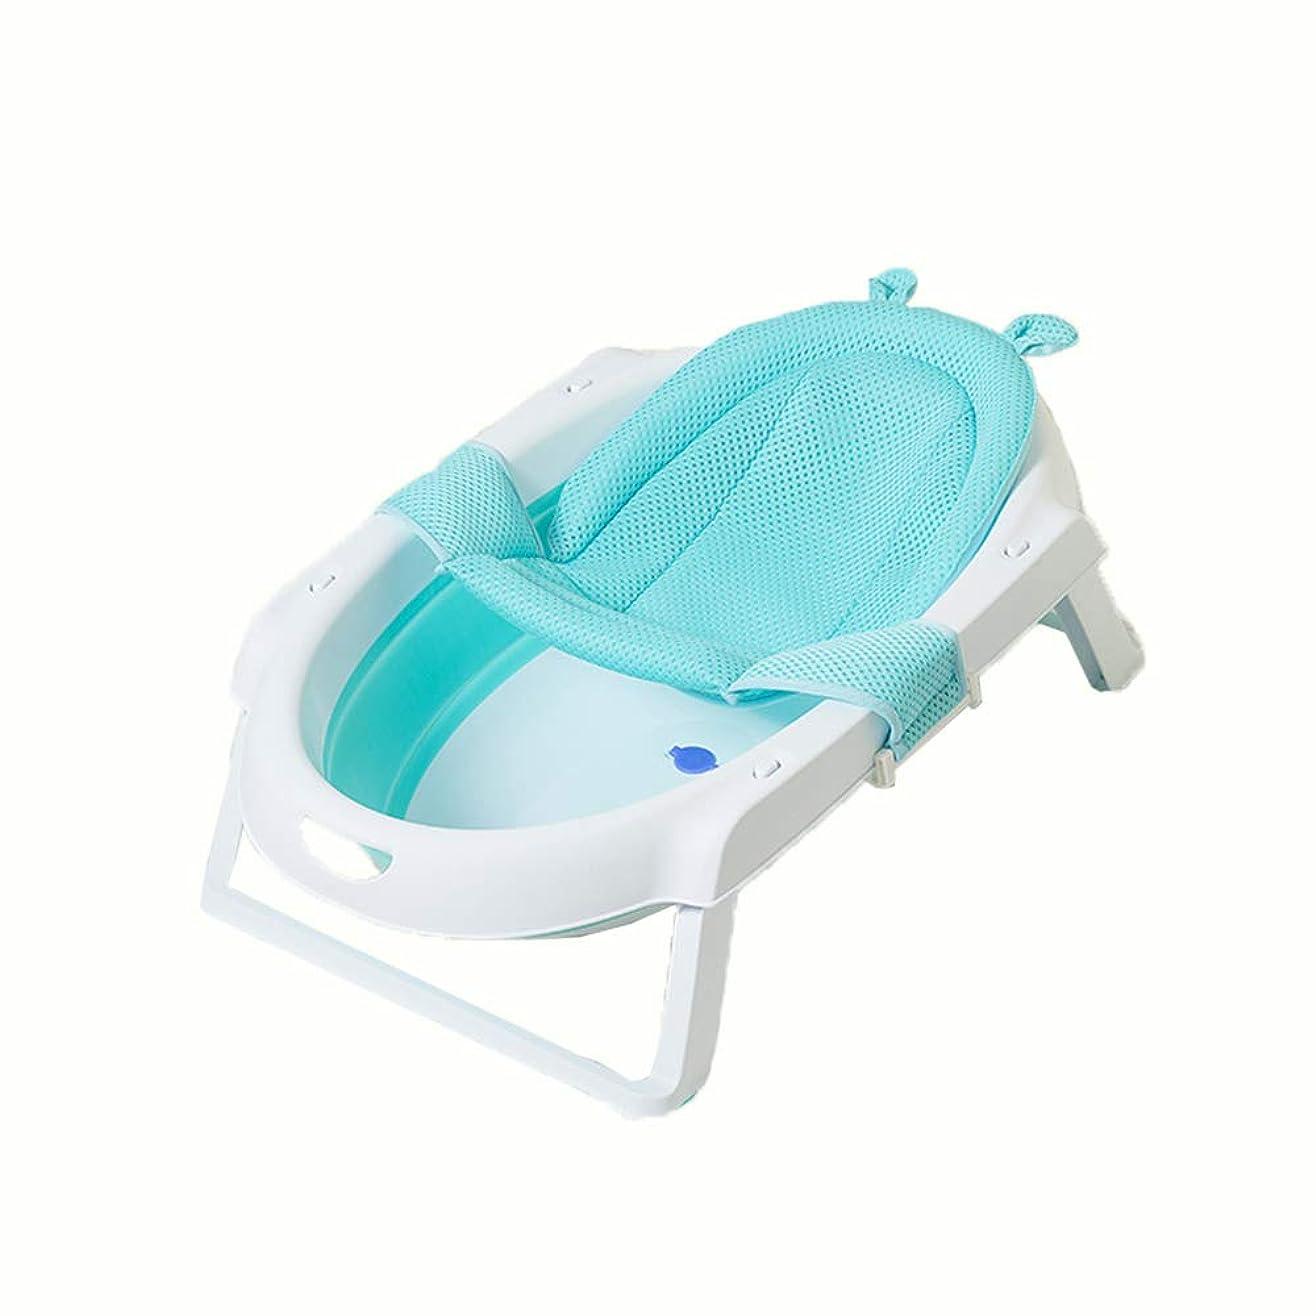 オープナーに賛成パリティNoloo ベビーバスマット クマの形 新生児 シャワー 可愛い 柔らかい 滑り止め 赤ちゃんのお風呂 0~2歳 (Blue)